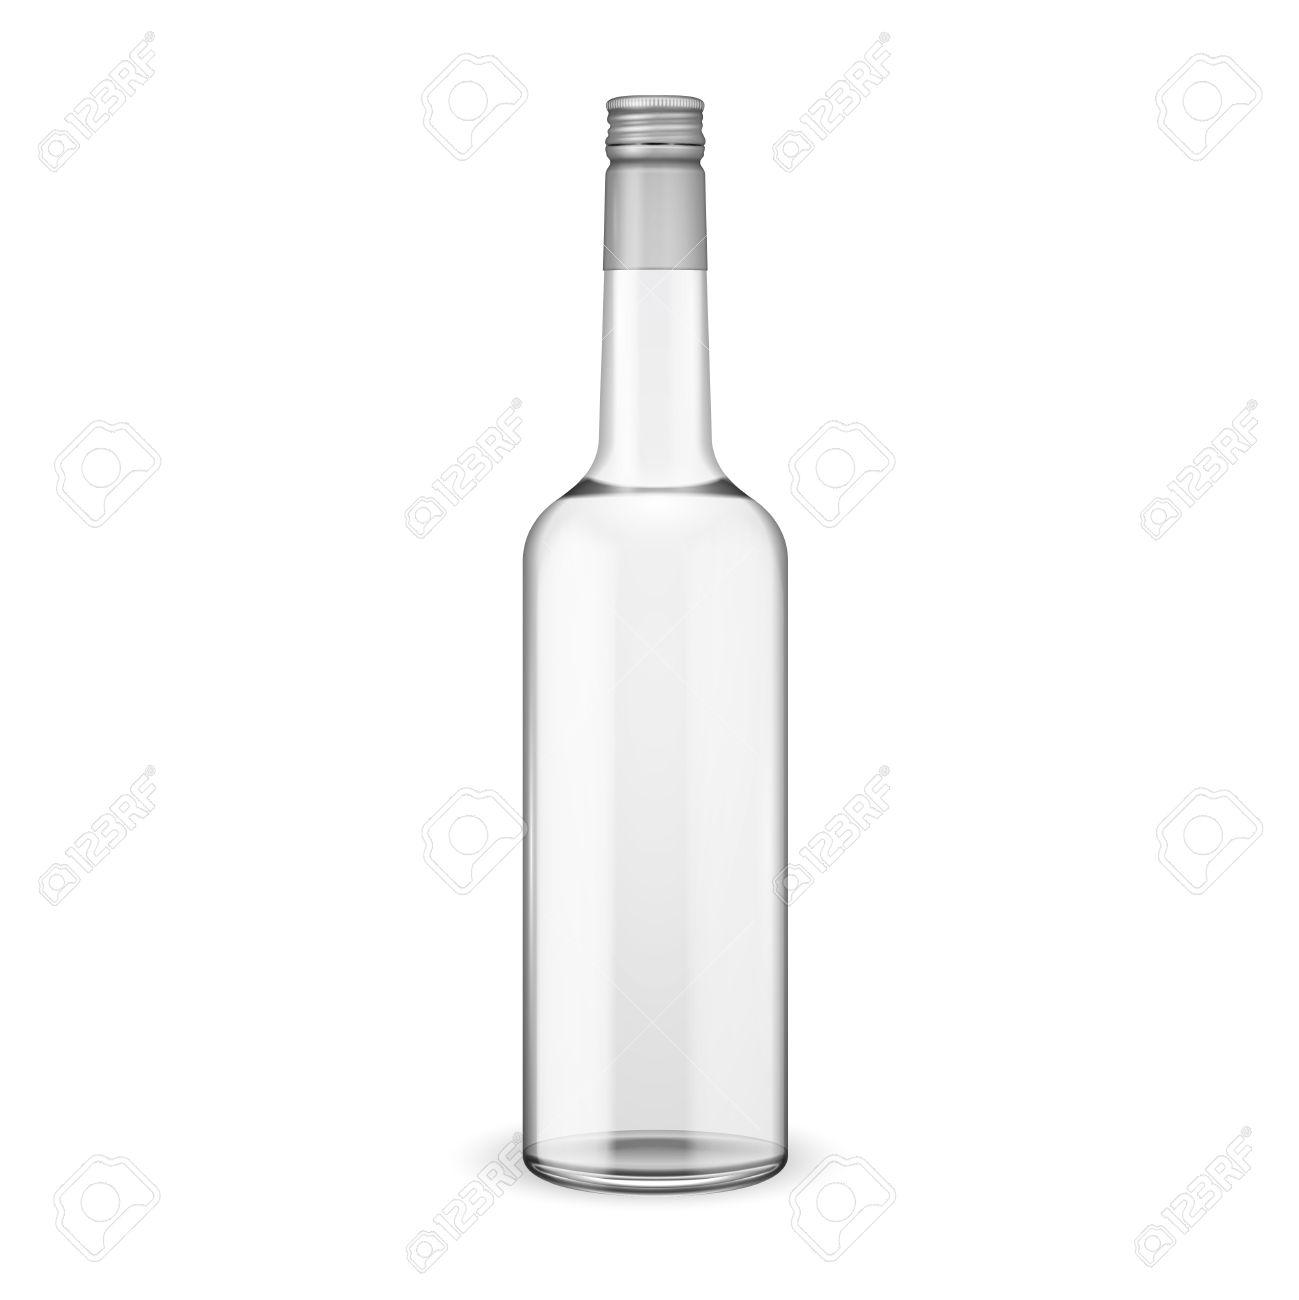 スクリュー キャップと瓶ウォッカベクトル イラストガラス瓶の